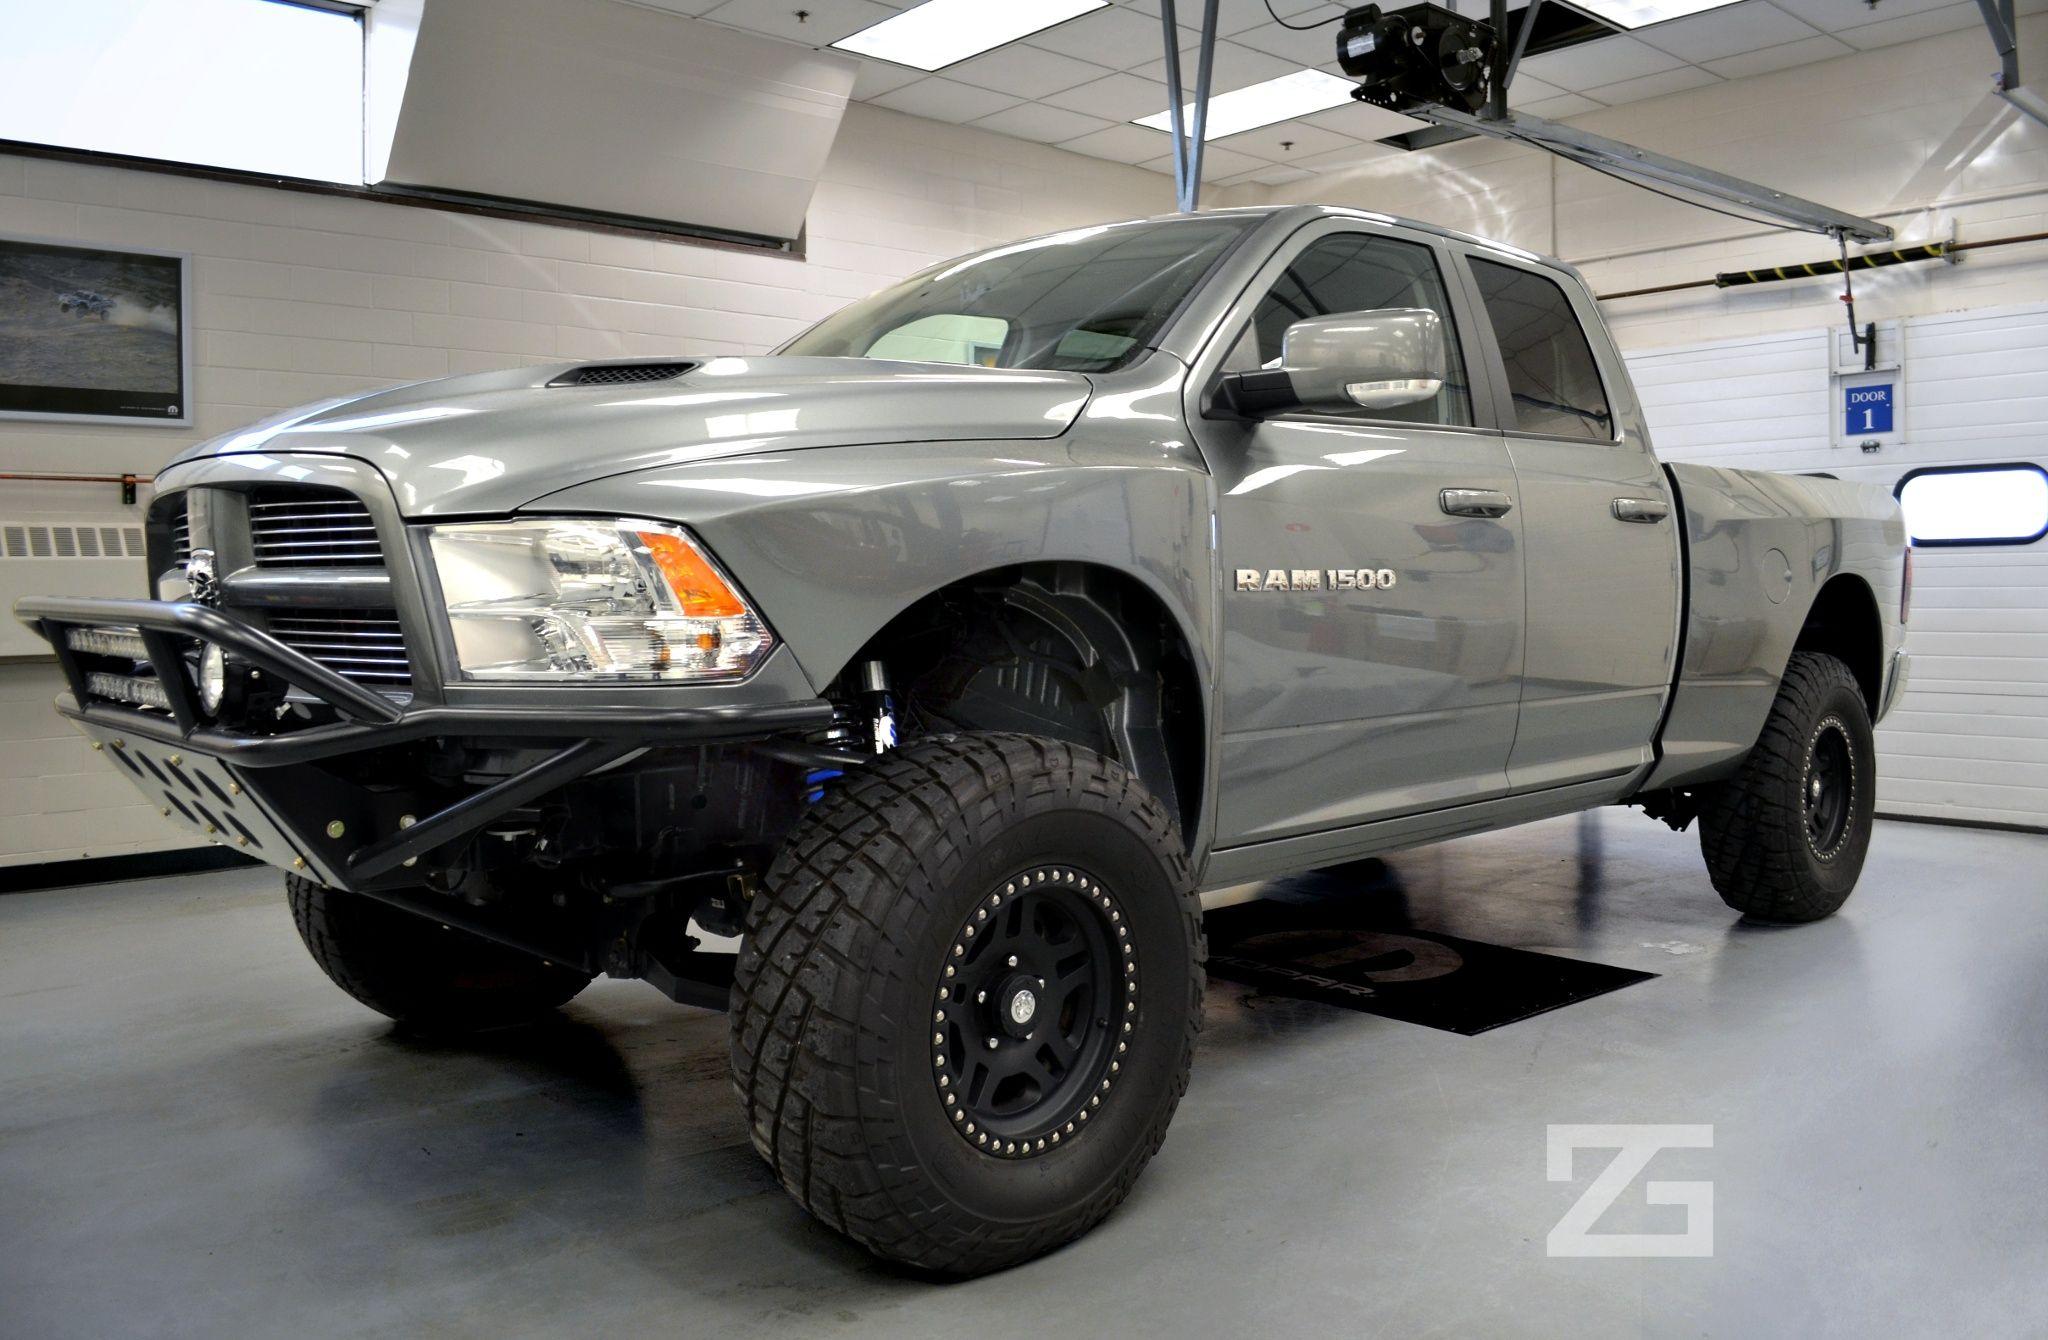 Dodge Ram Runner >> Dodge Ram Runner Dodge Ram Runner Ram Runner Dodge